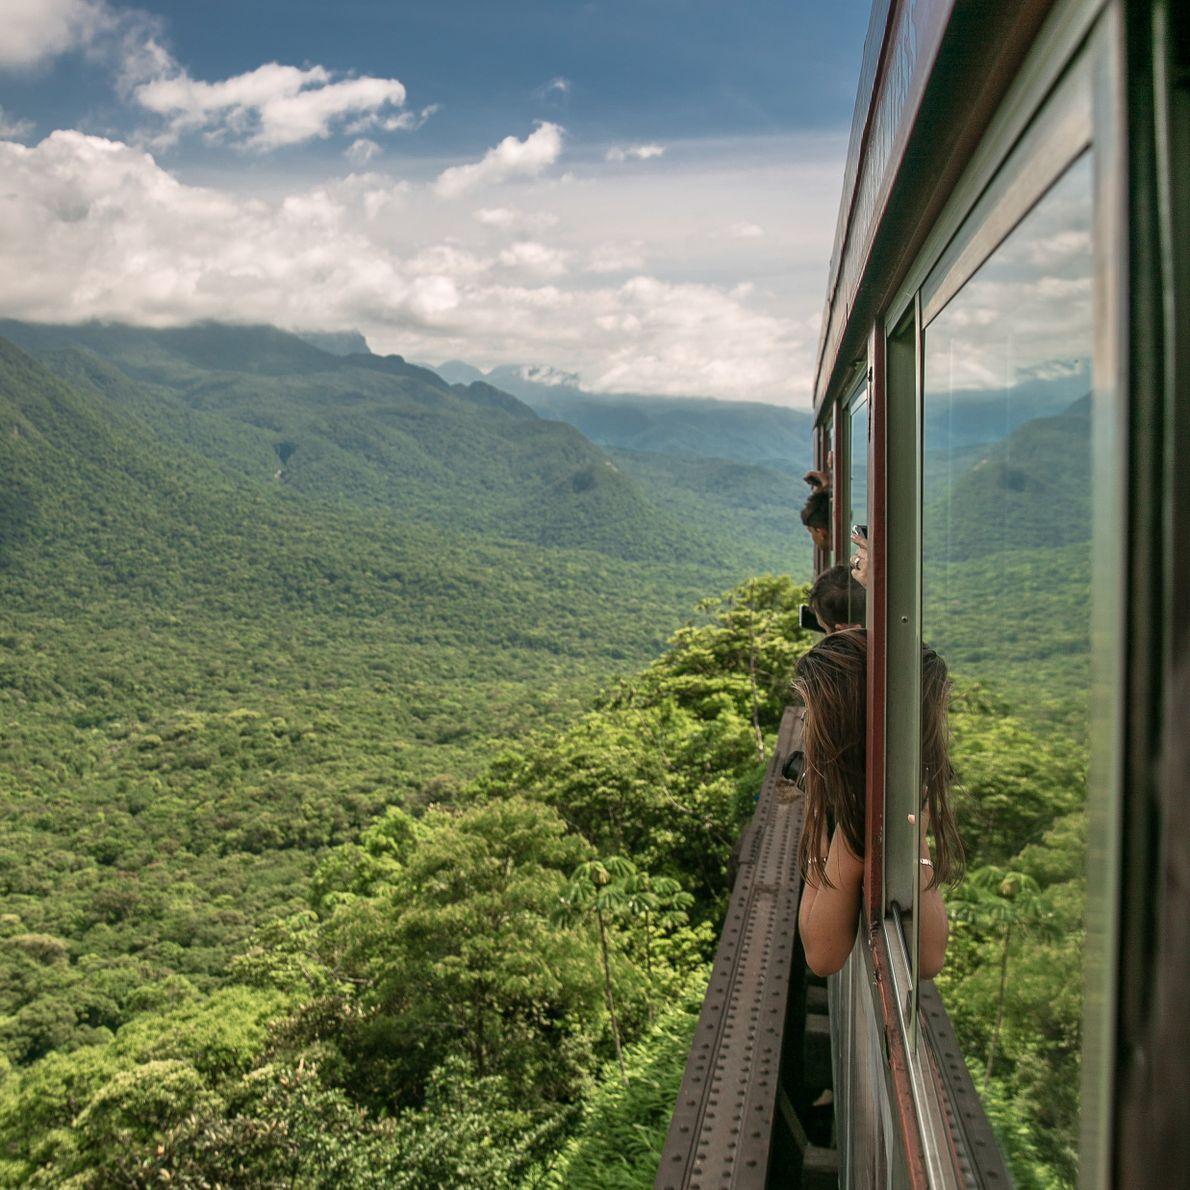 Trem da Serra do Mar, entre Curitiba e Morretes, no Paraná, Brasil.